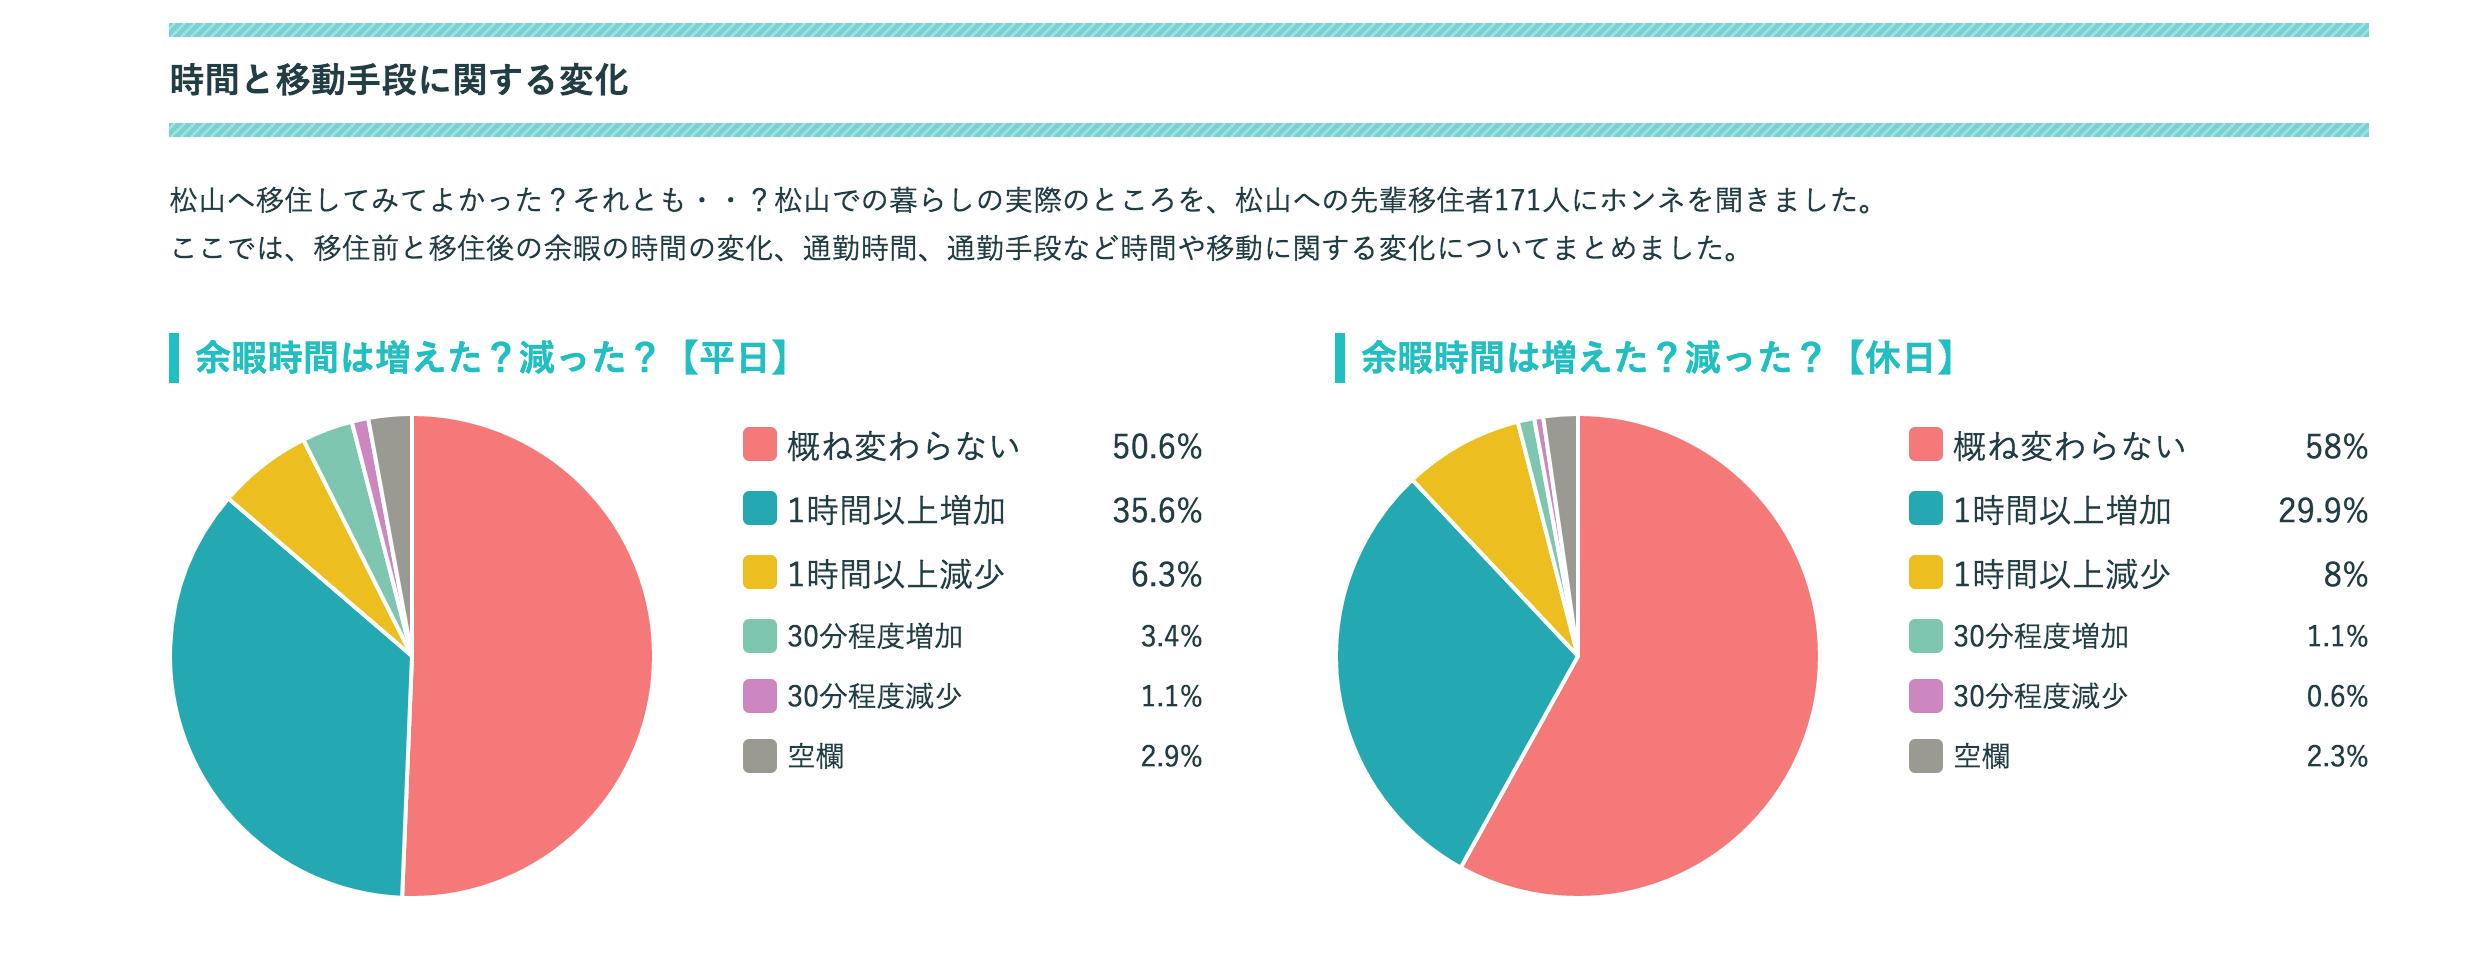 matsuyama_2